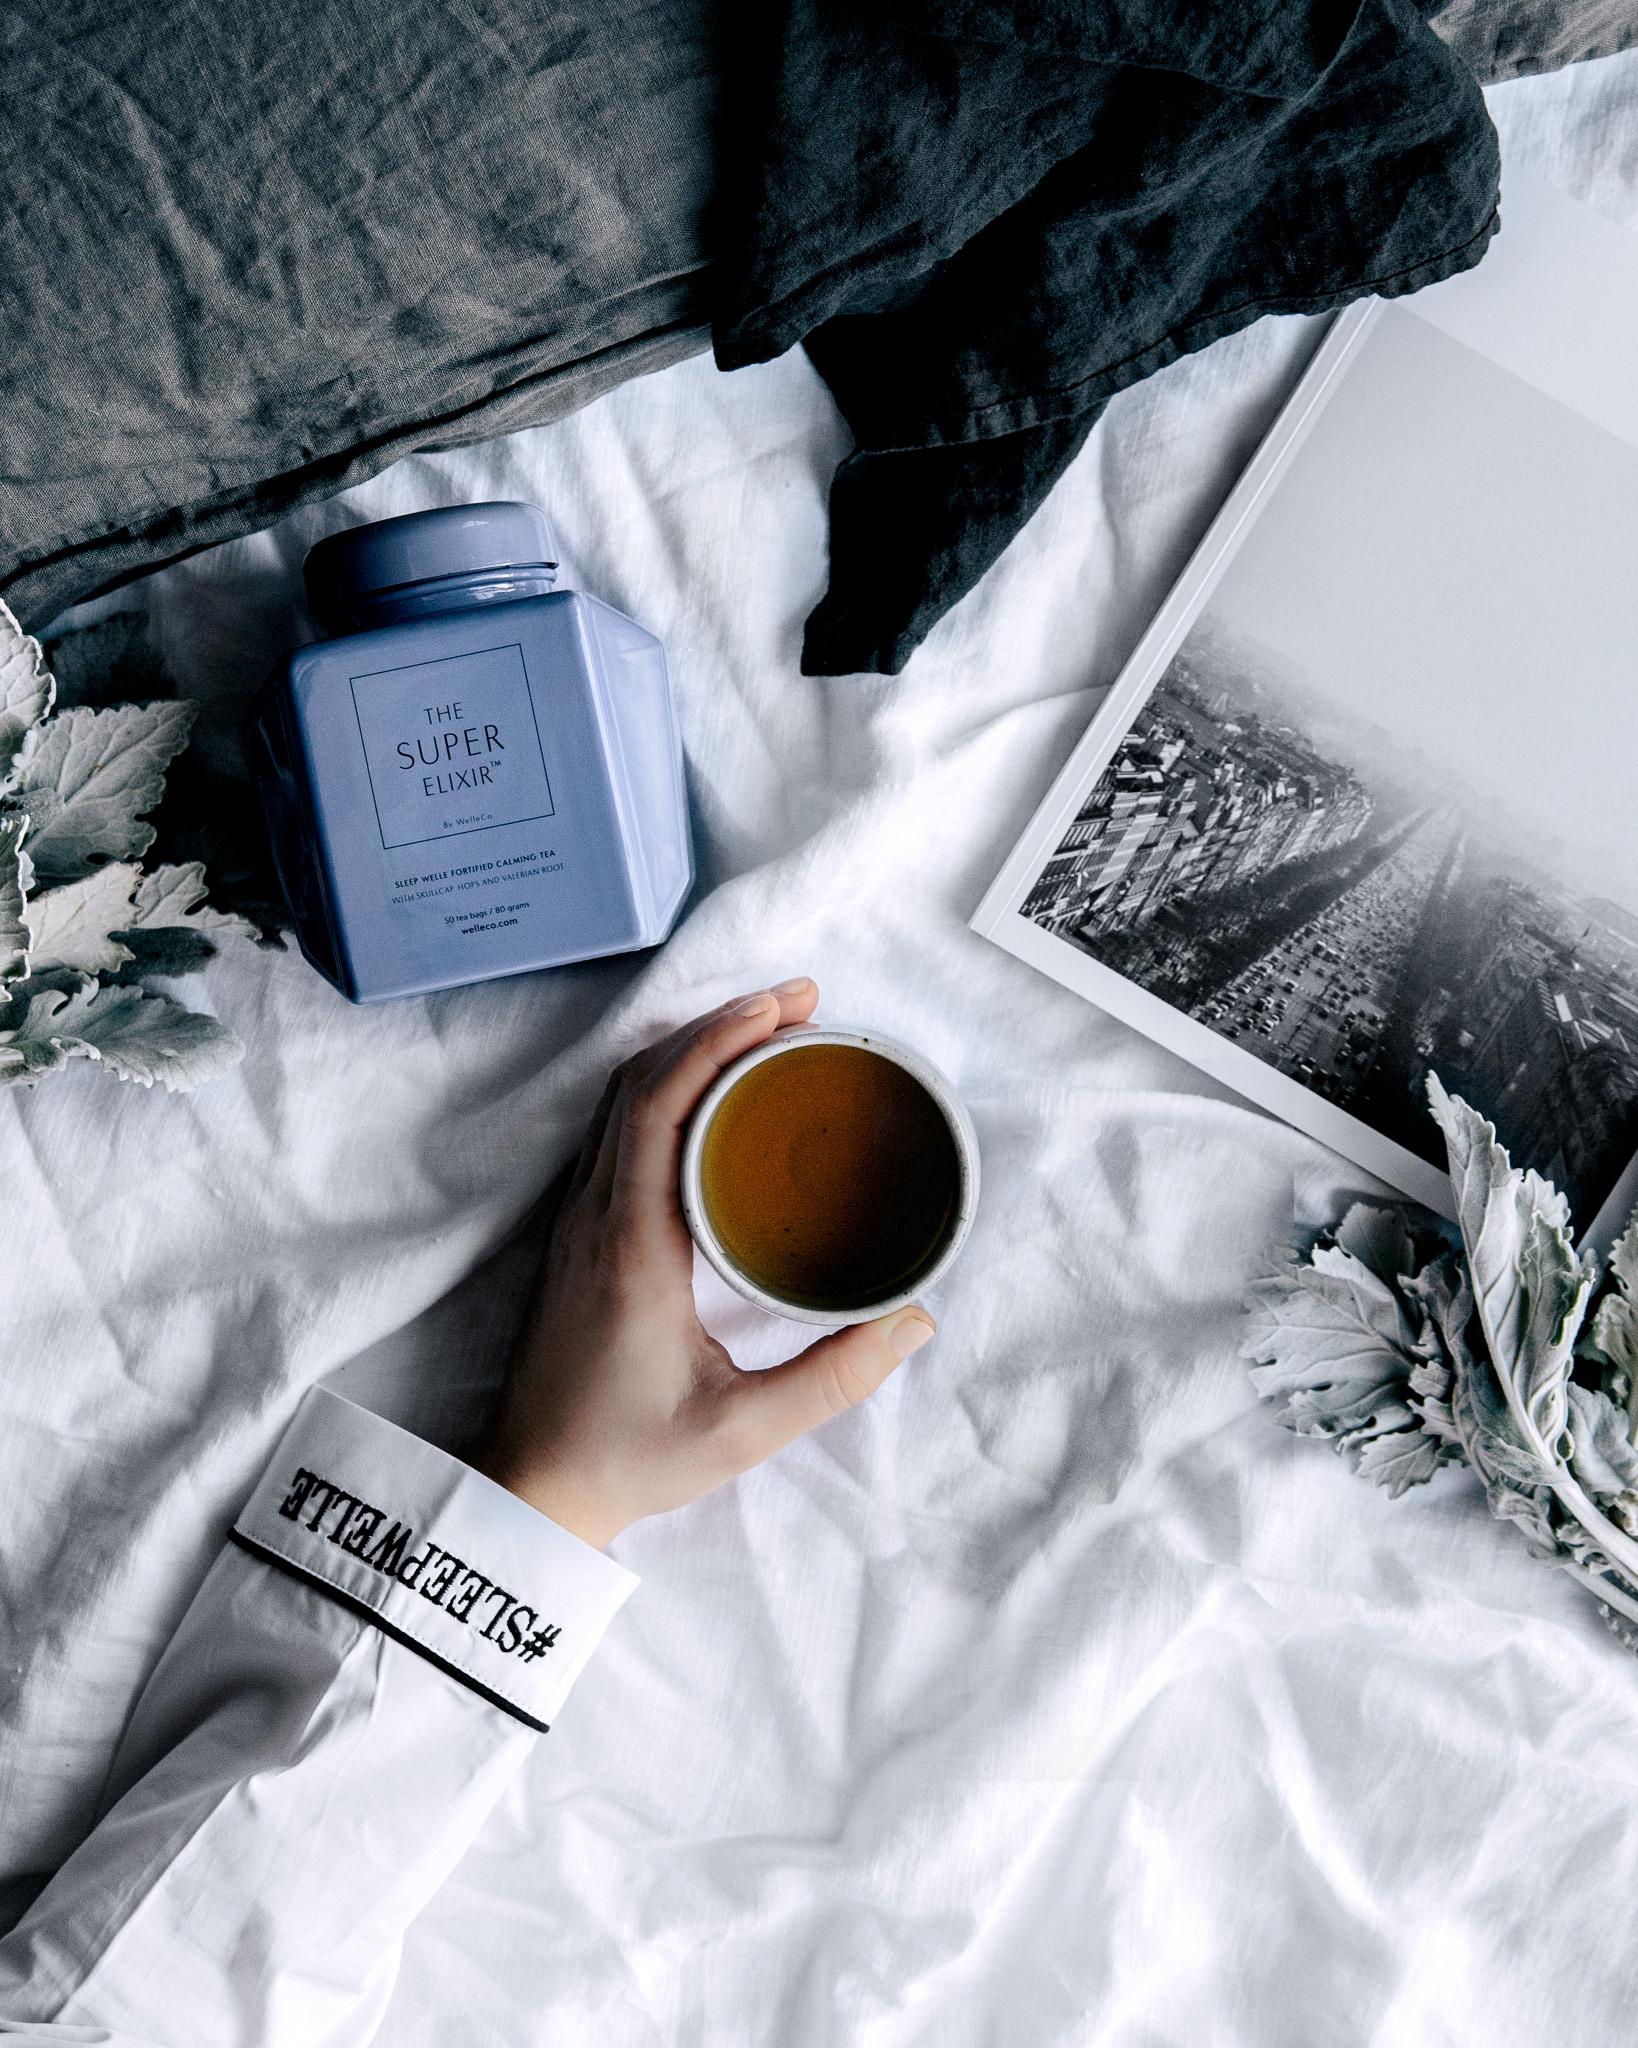 sleep-welle-instagram-solo.jpg